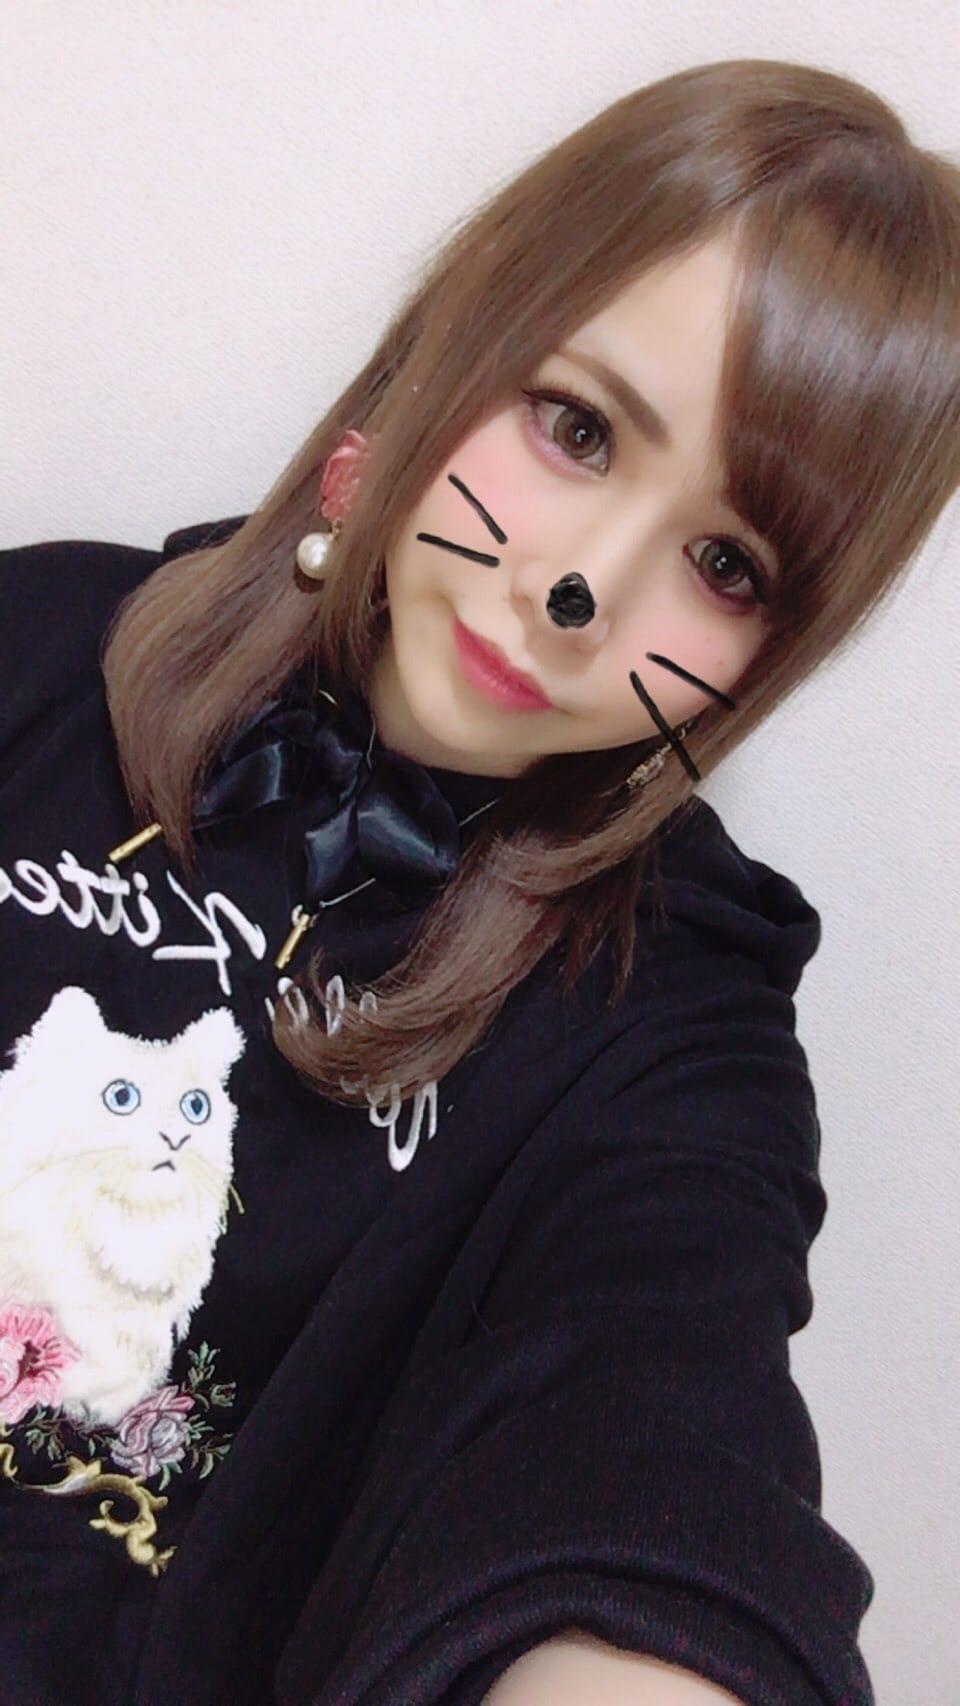 「おれい☆彡.。」09/20(水) 00:16 | らんの写メ・風俗動画